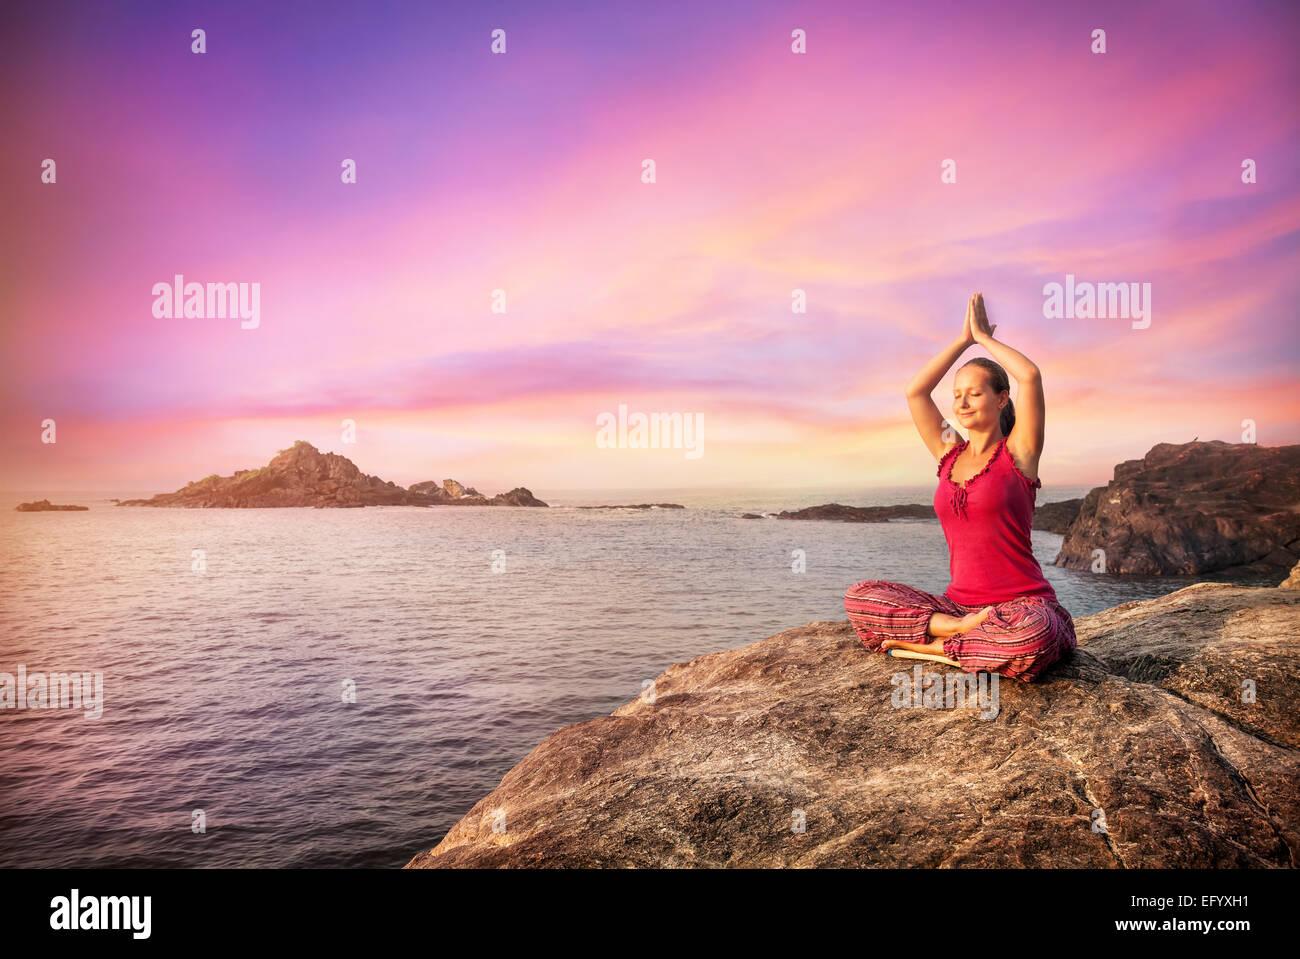 Mujer hacer meditación en traje rojo sobre la piedra cerca del mar en Gokarna, Karnataka, India Imagen De Stock